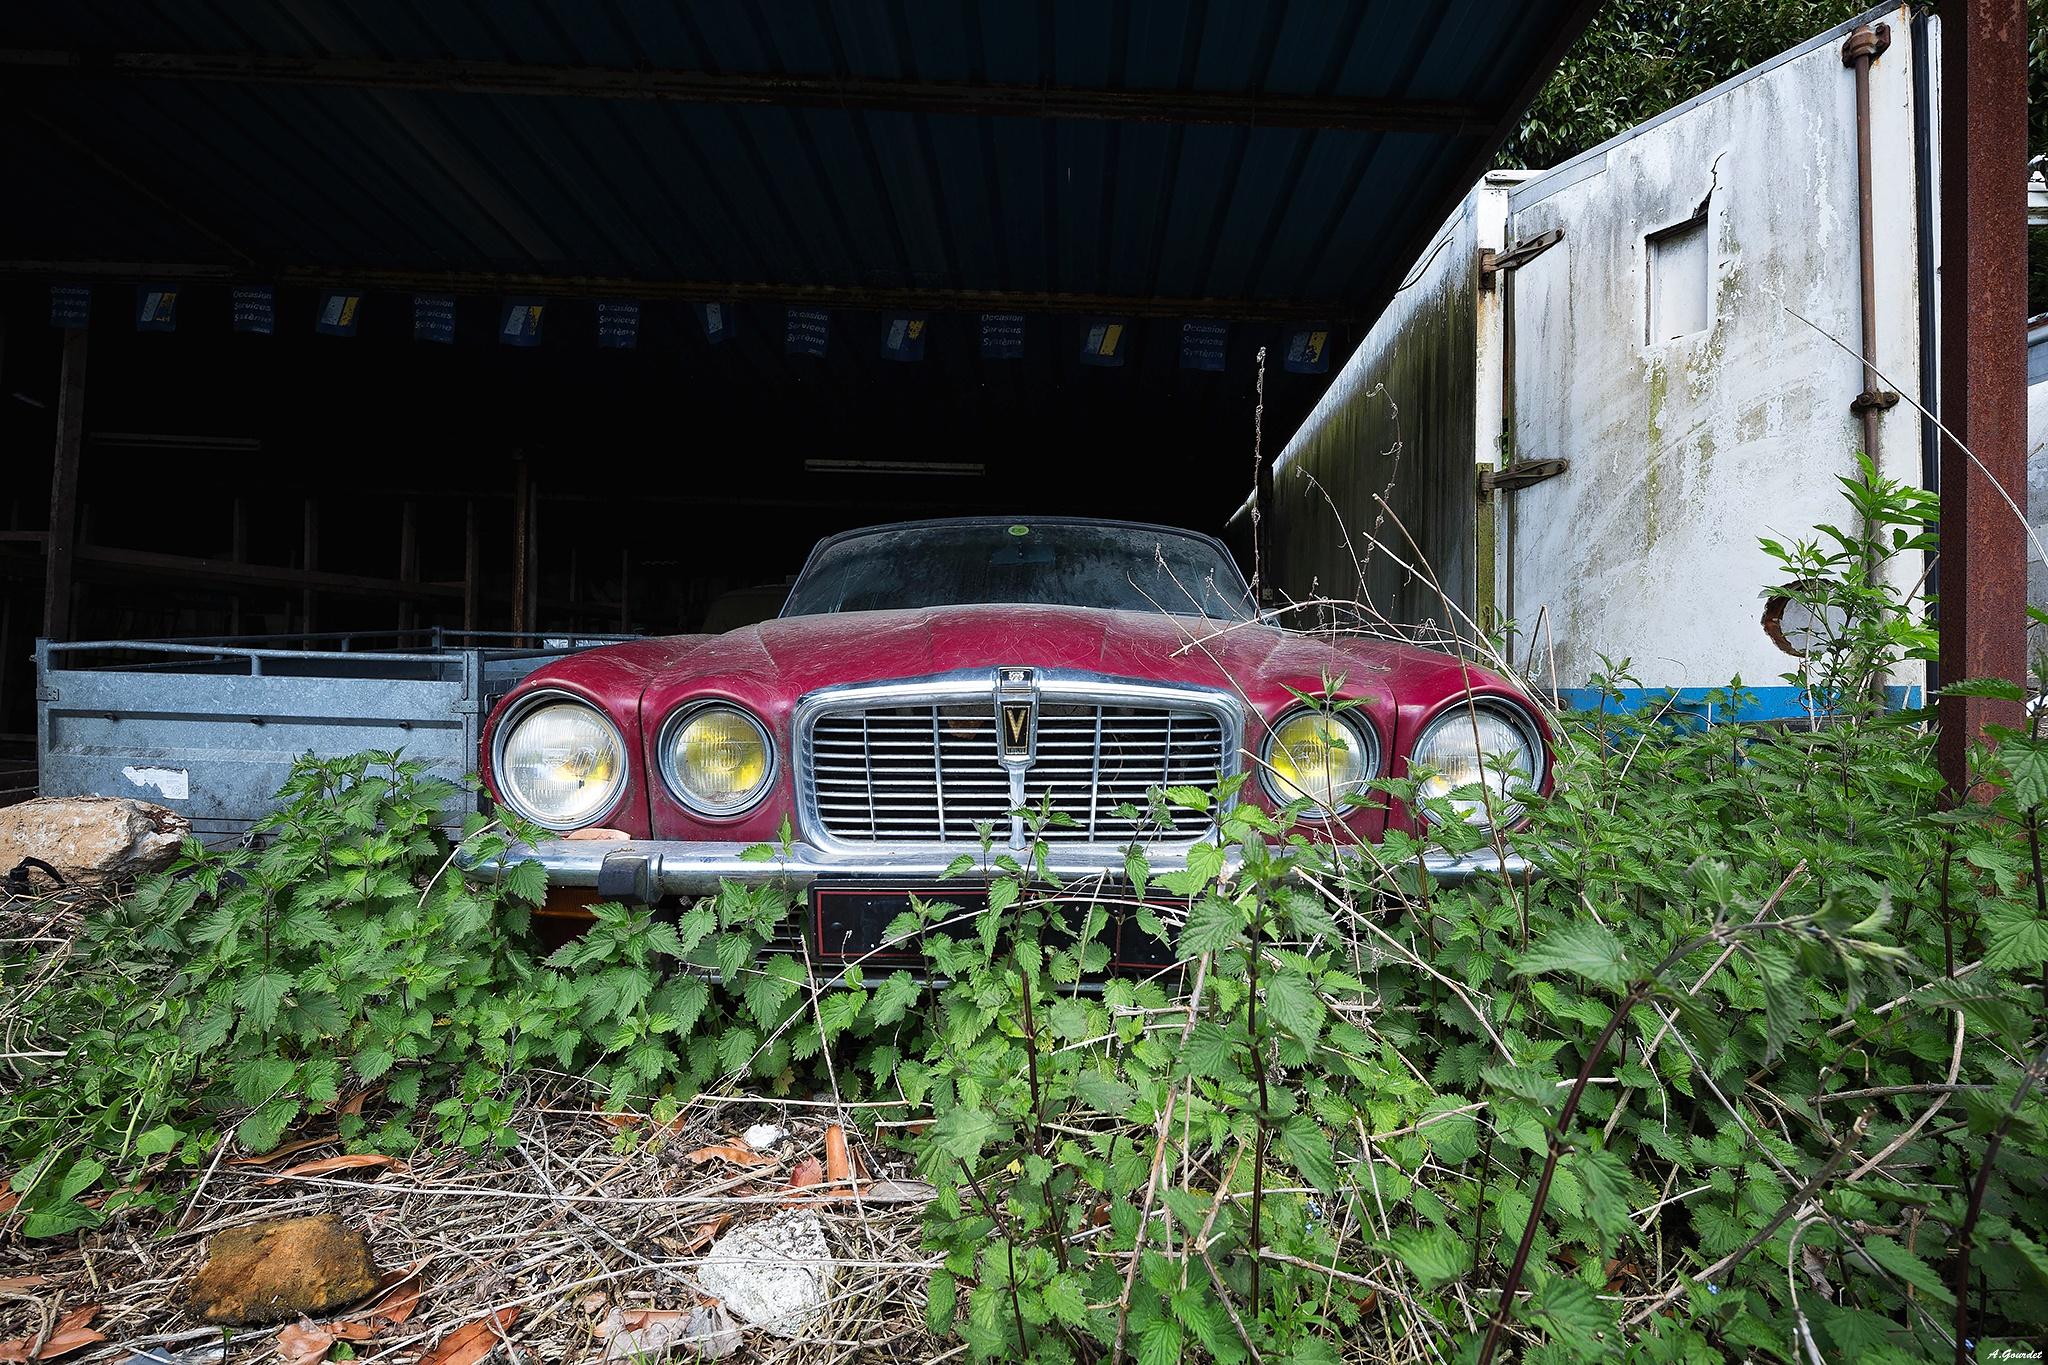 Jaguar abandonnée. by anthonygourdet3